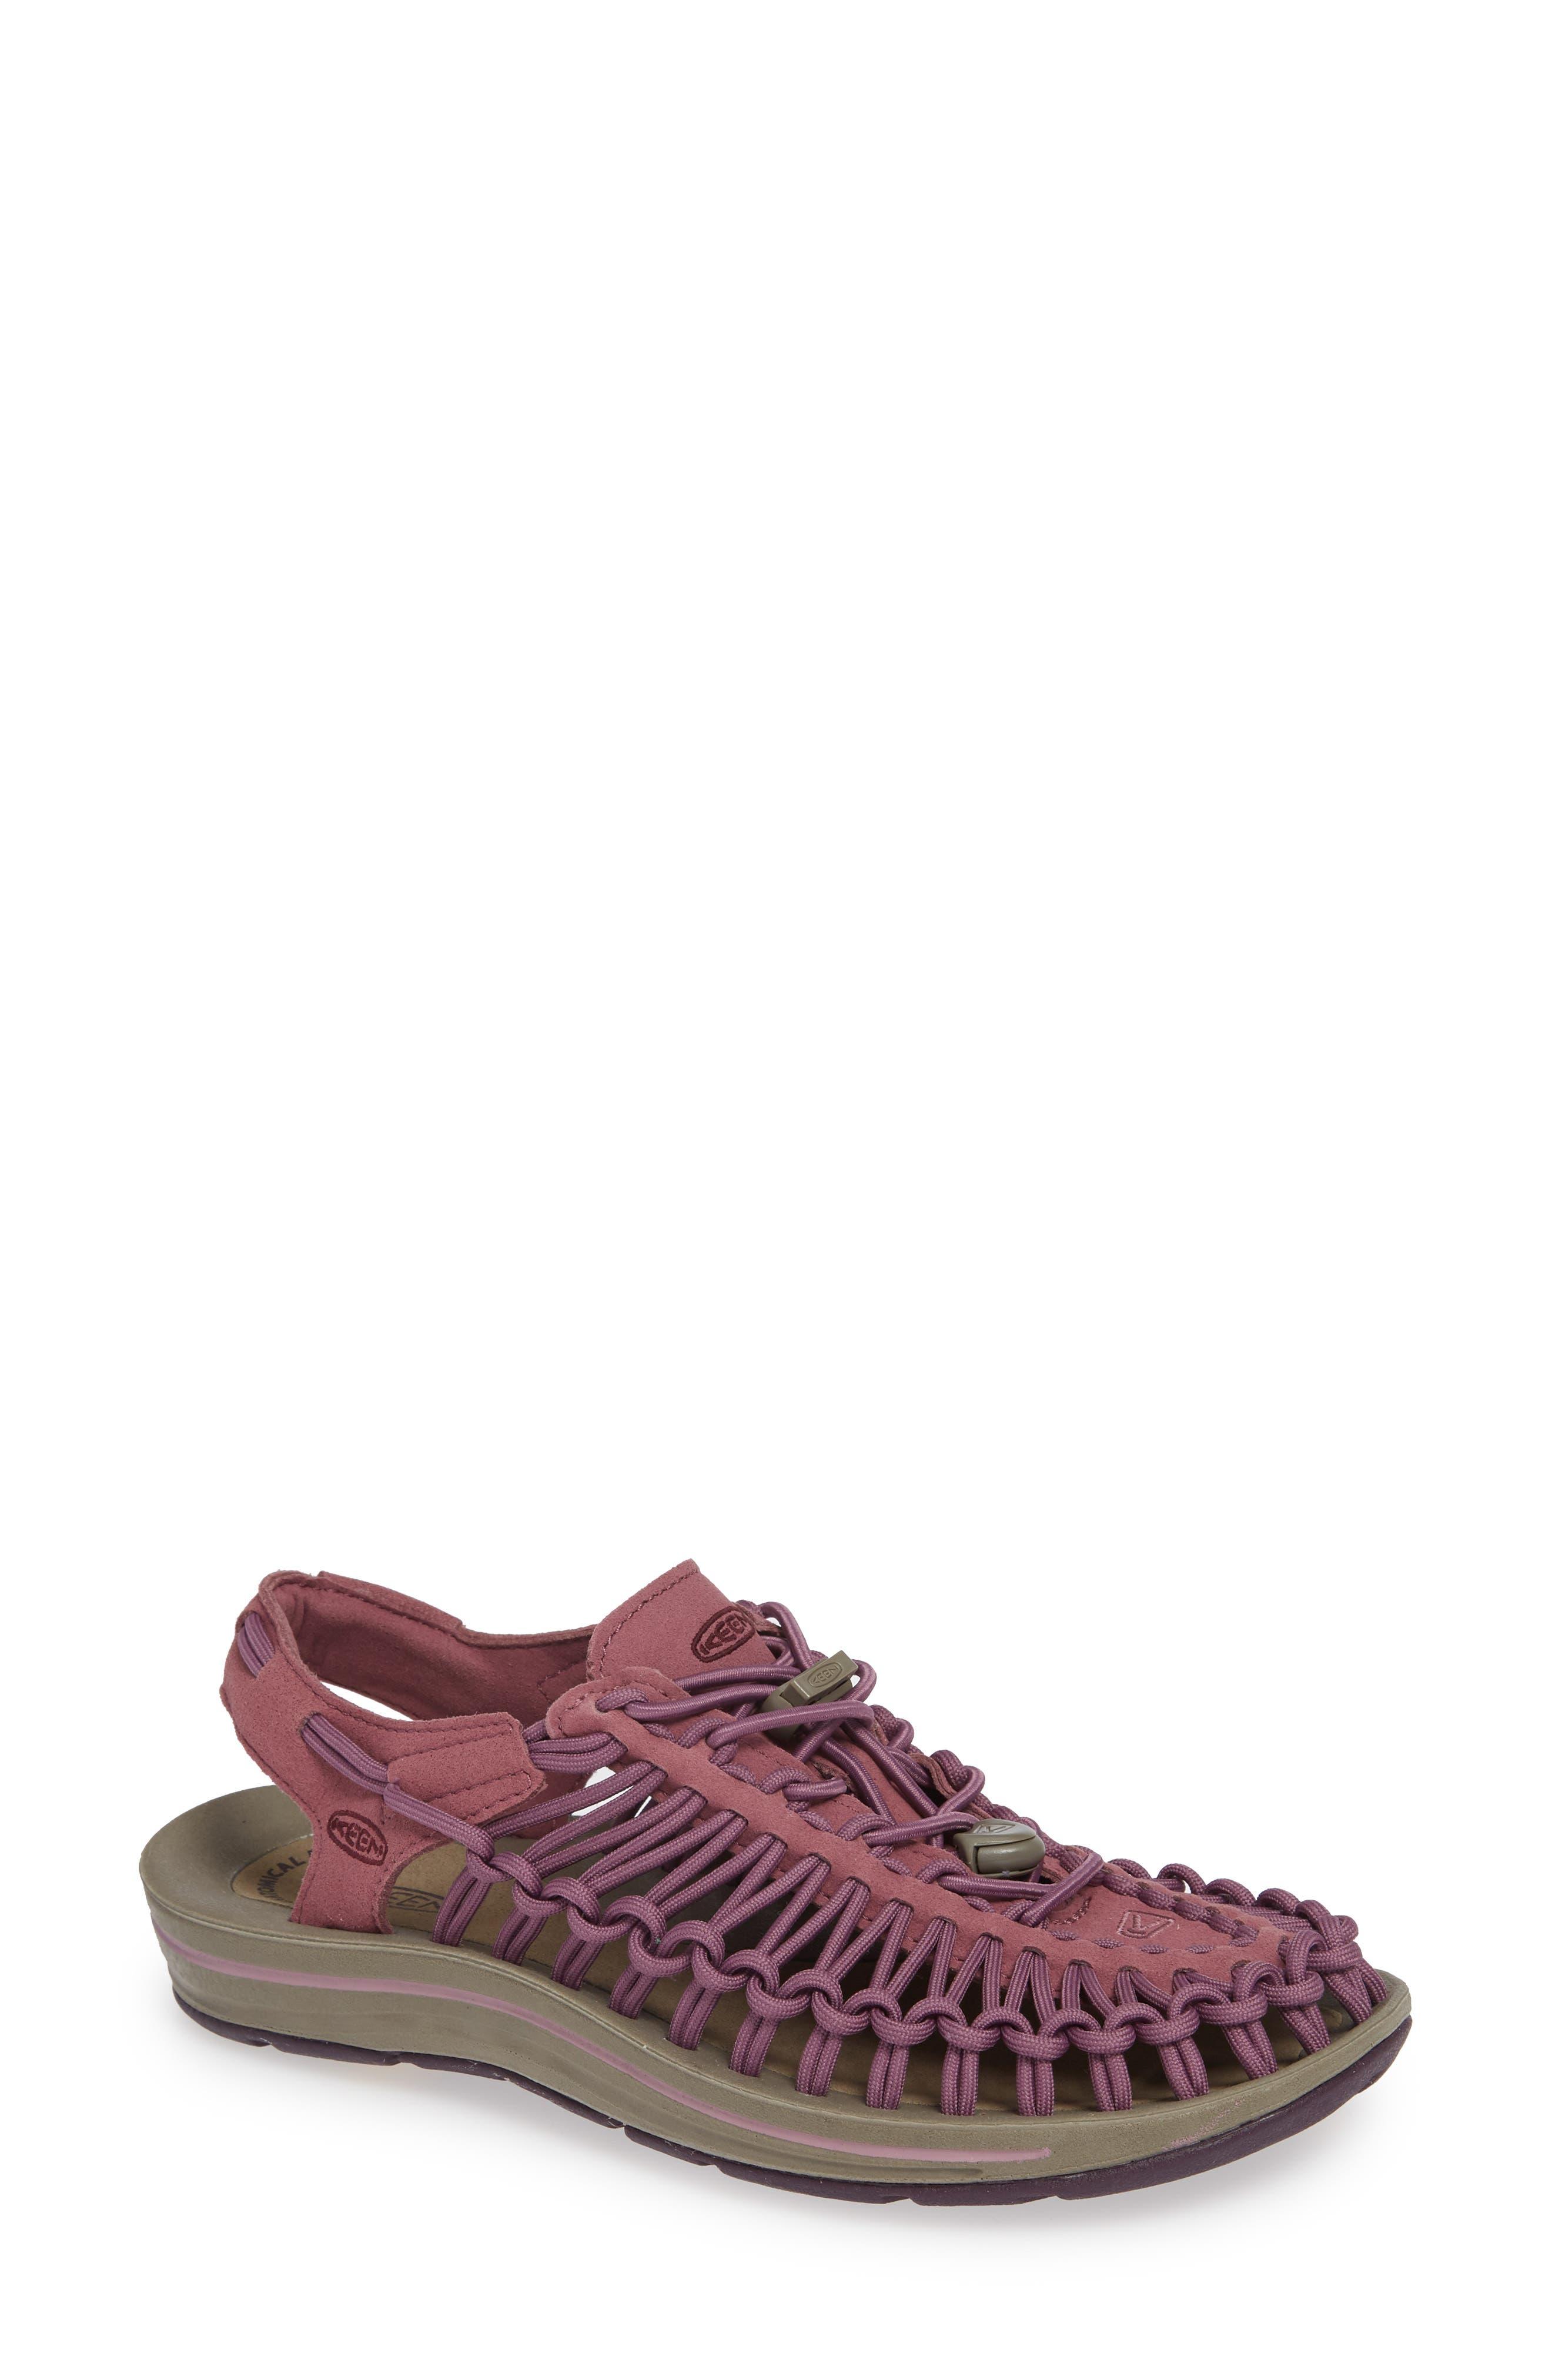 KEEN 'Uneek' Water Sneaker, Main, color, TULIPWOOD/ WINETASTING